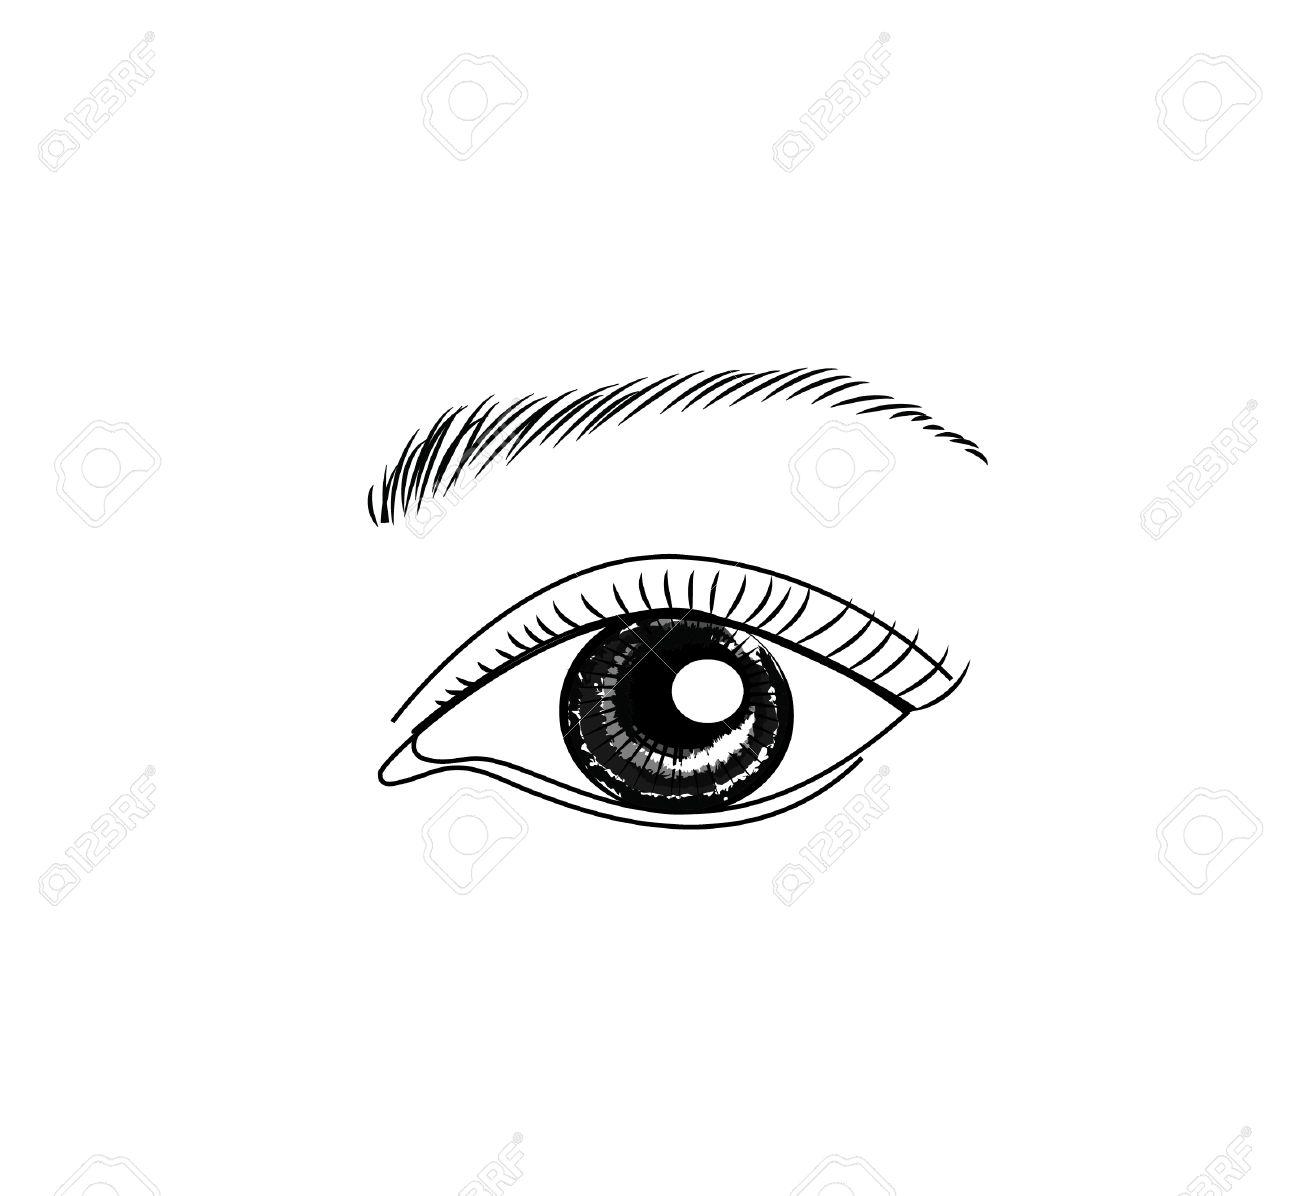 目の手描きスケッチ ベクトル イラスト化粧品とメイクアップのイラスト